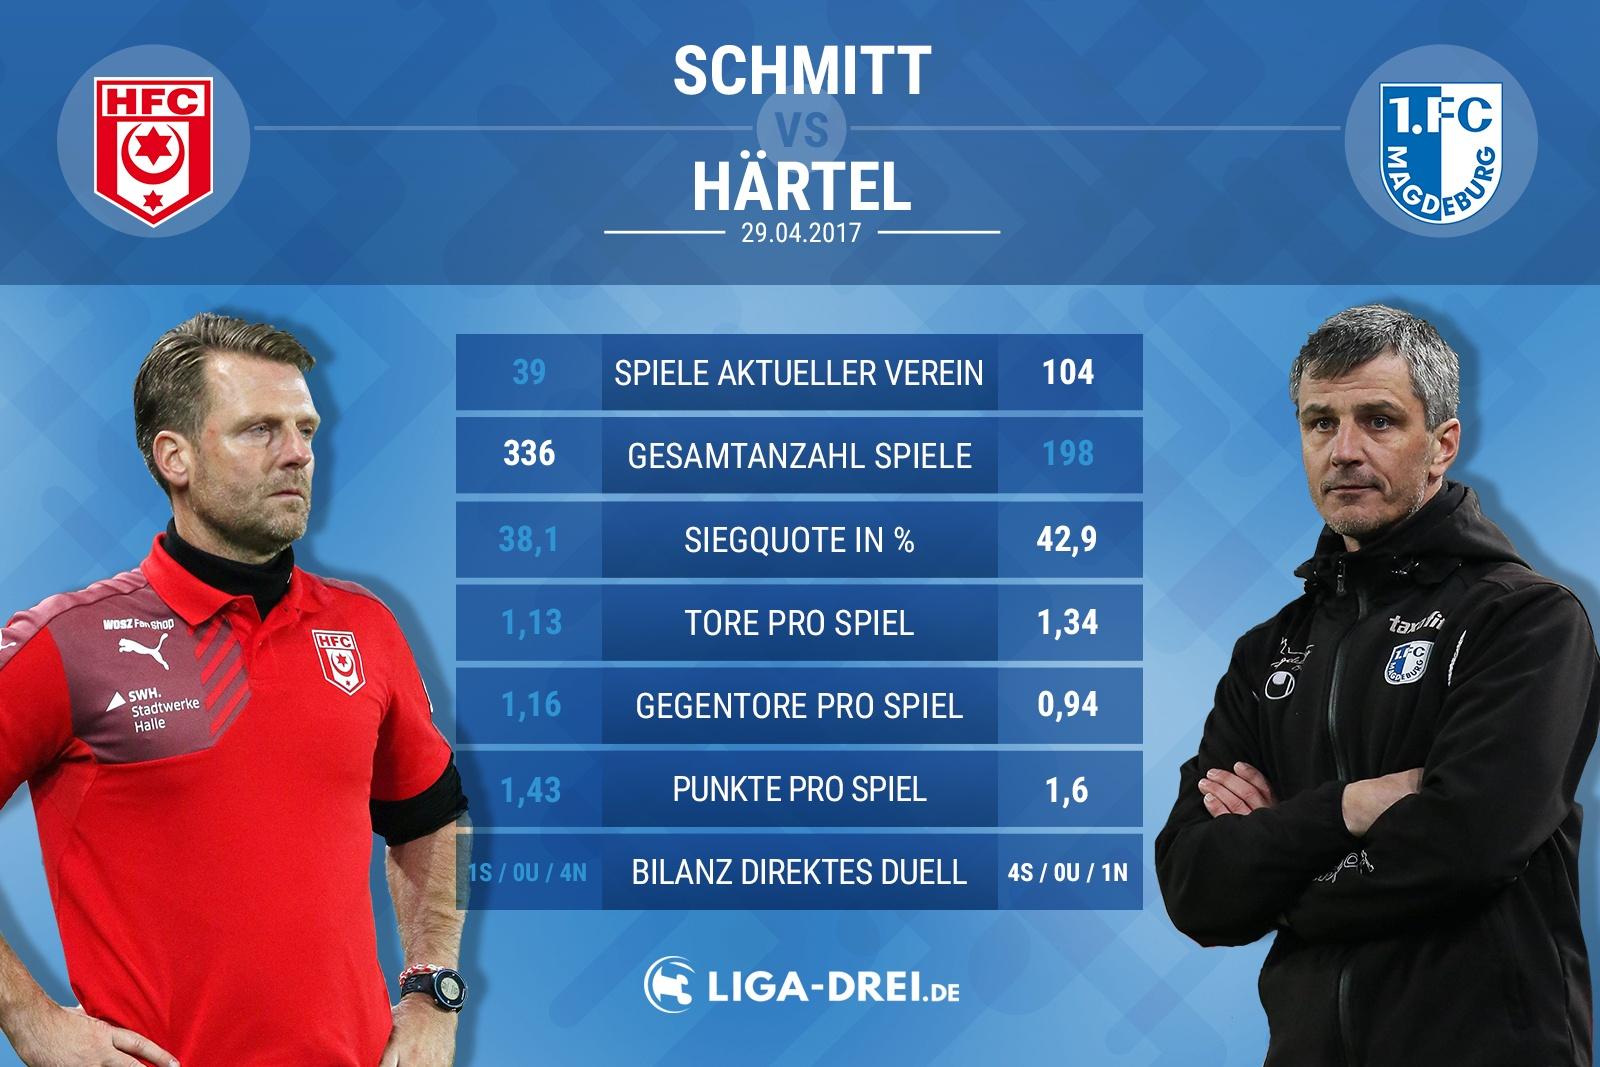 Trainervergleich zwischen Schmitt (Hallescher FC) und Jens Härtel (1. FC Magdeburg)